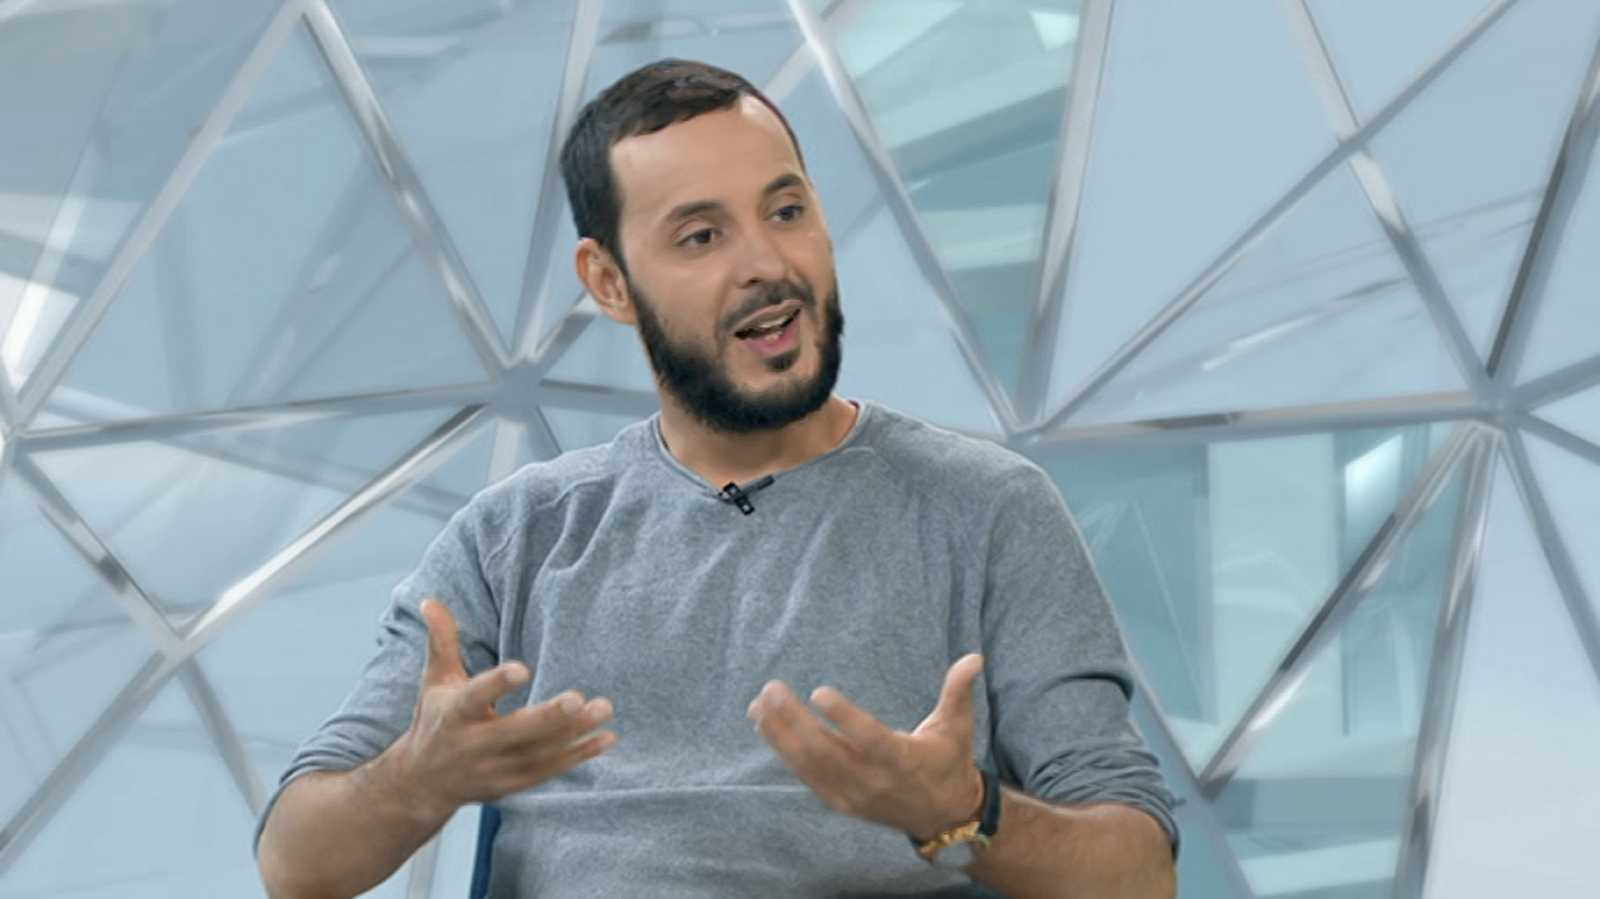 Medina en TVE - Vida y obra del profeta Muhamad - ver ahora